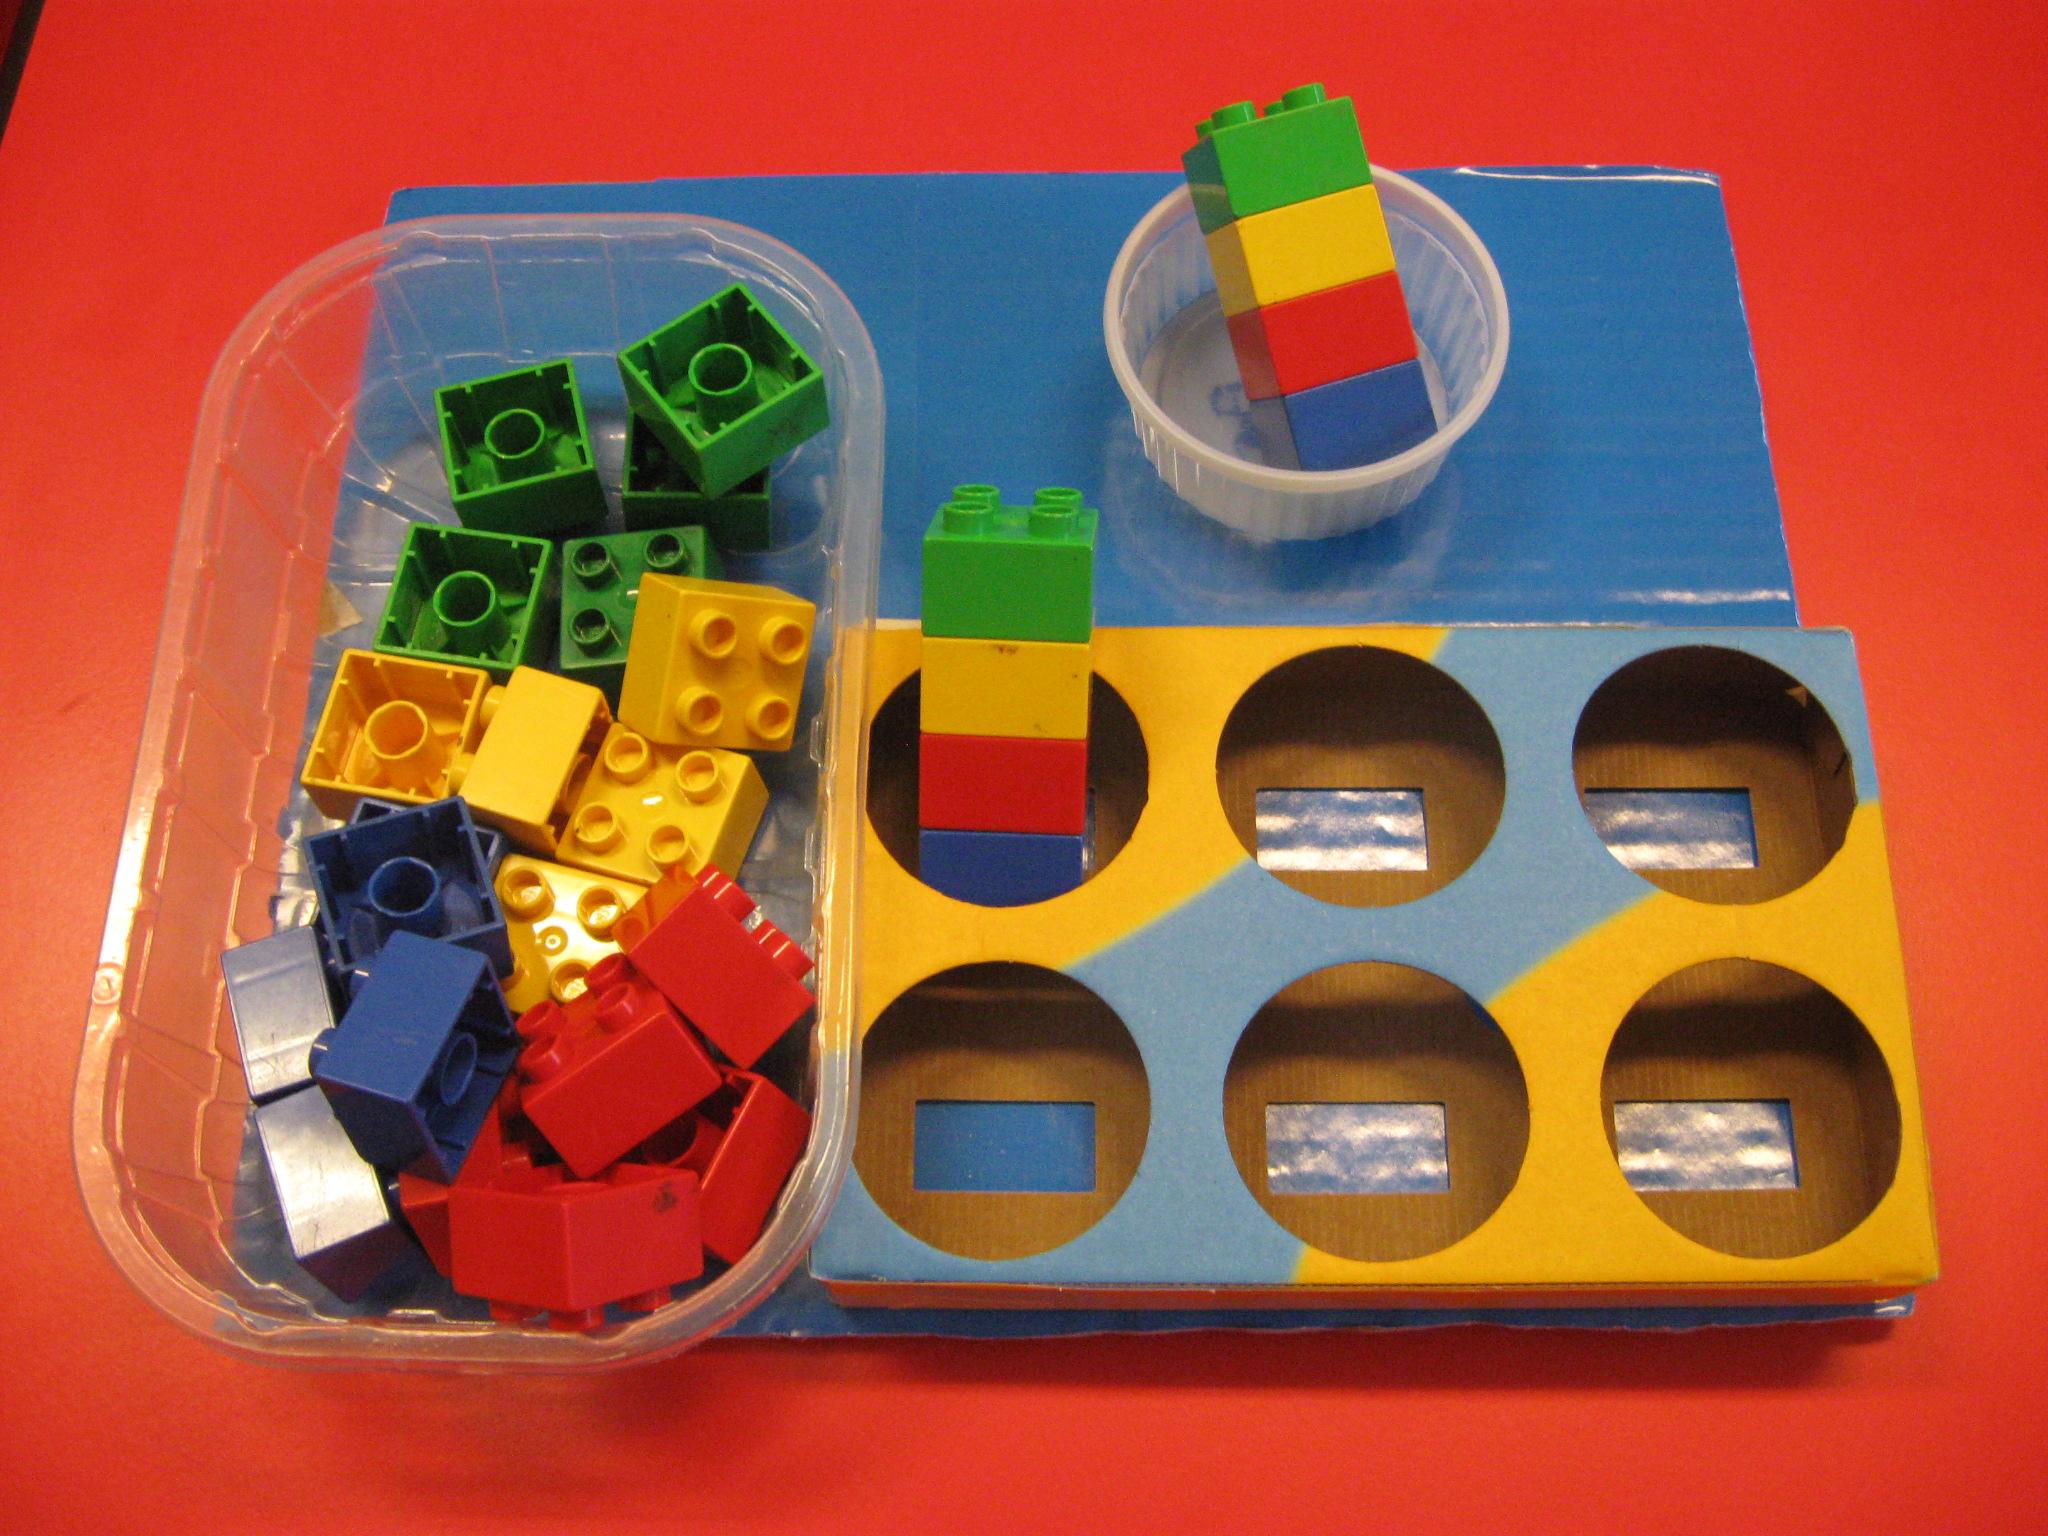 A sinistra una vaschetta di plastica contenenete pezzi di Lego duplo quadrati di colore giallo, rosso, blu e verde. A destra quattro cubetti impilati messi in un contenitore rotondo e sotto una vaschetta di cartone divisa in sei spazi, nel primo ci sono quattro cubetti impilati.